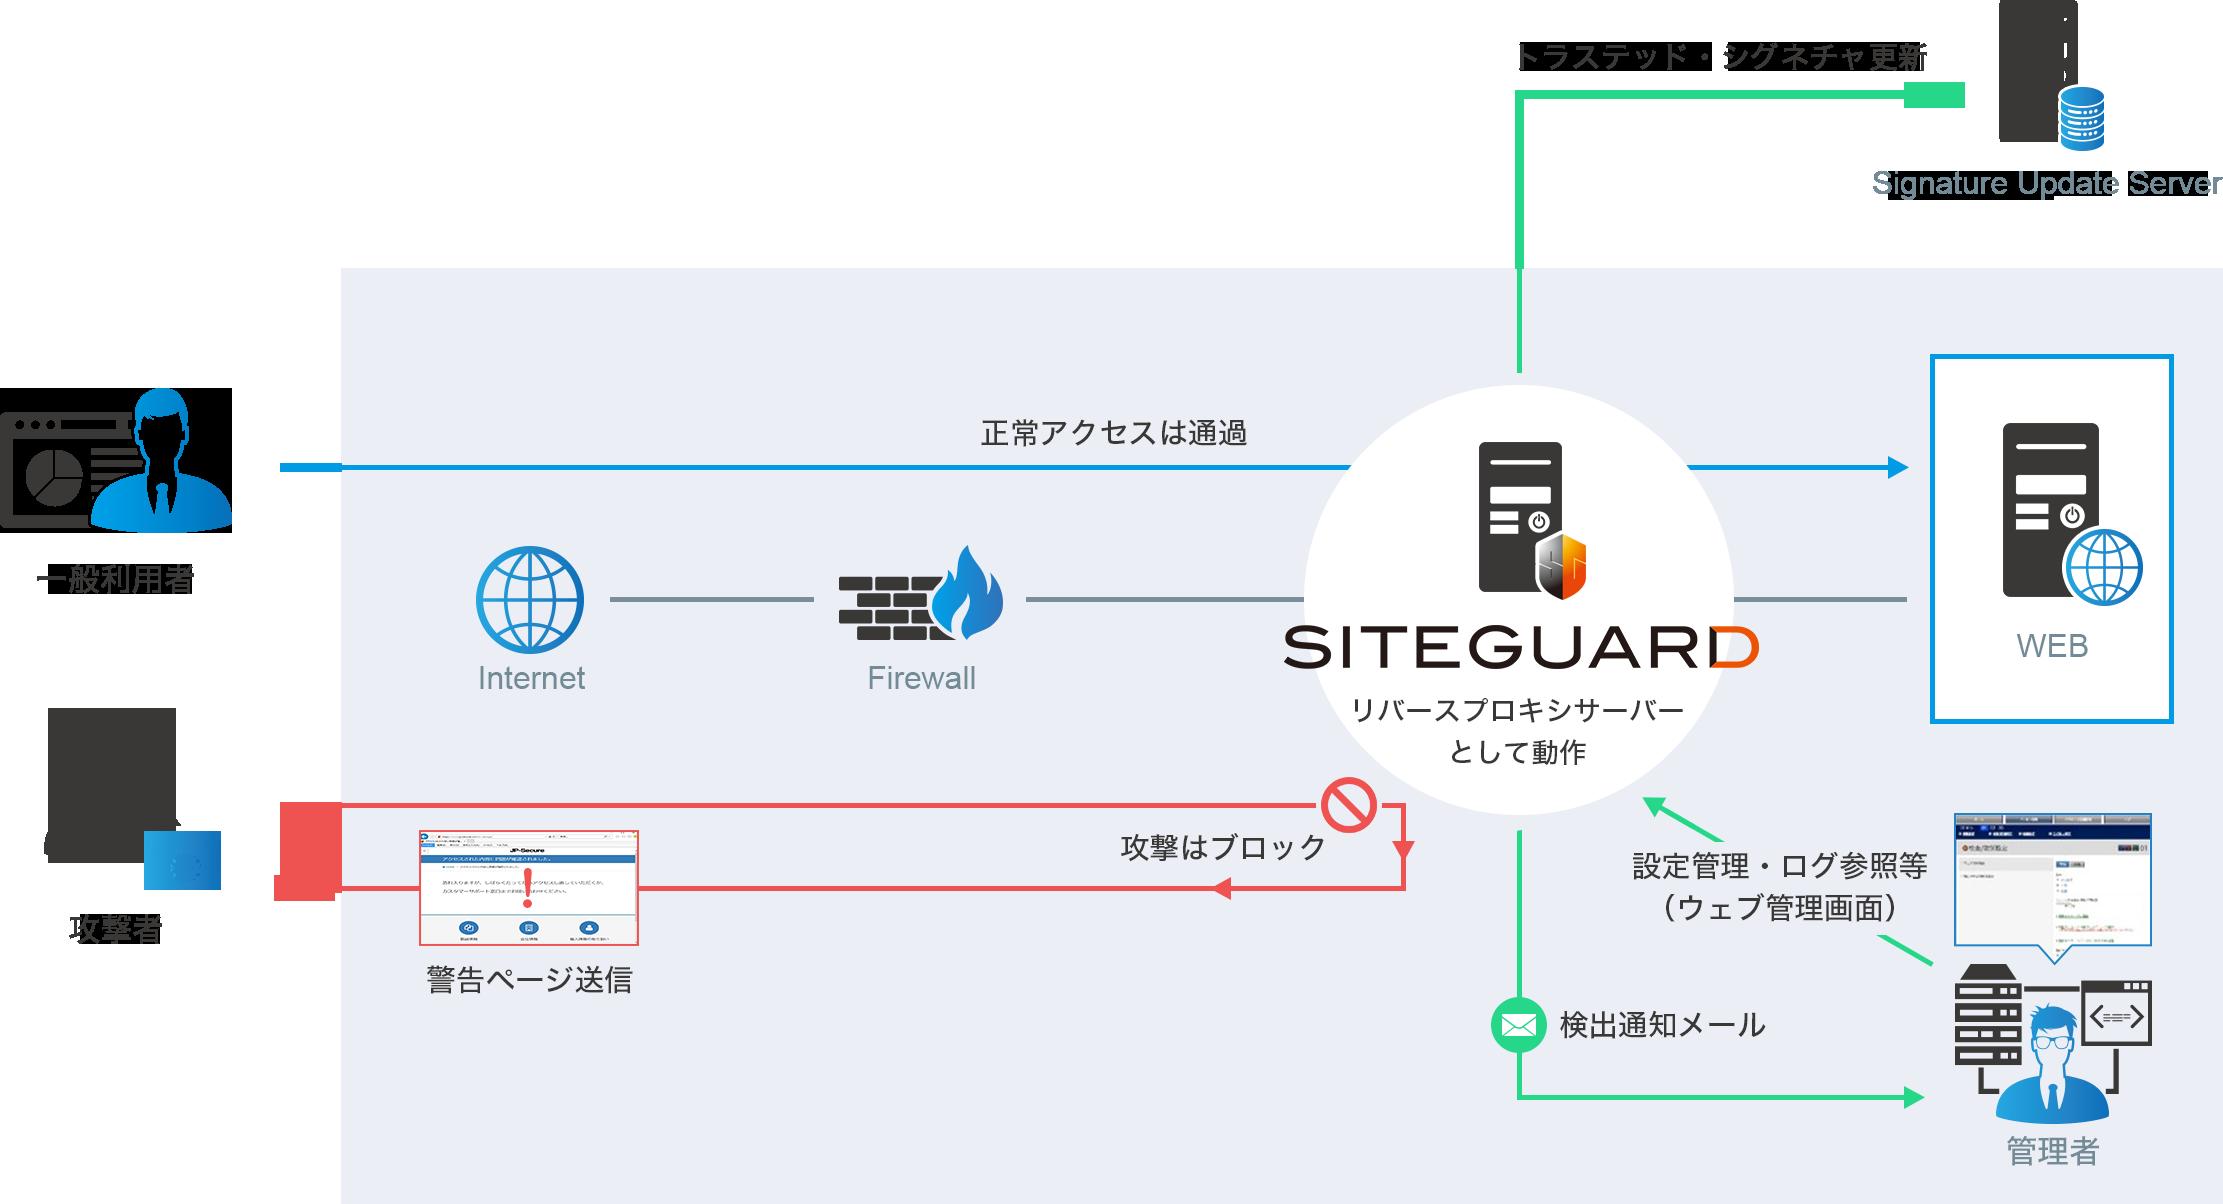 SiteGuard概要